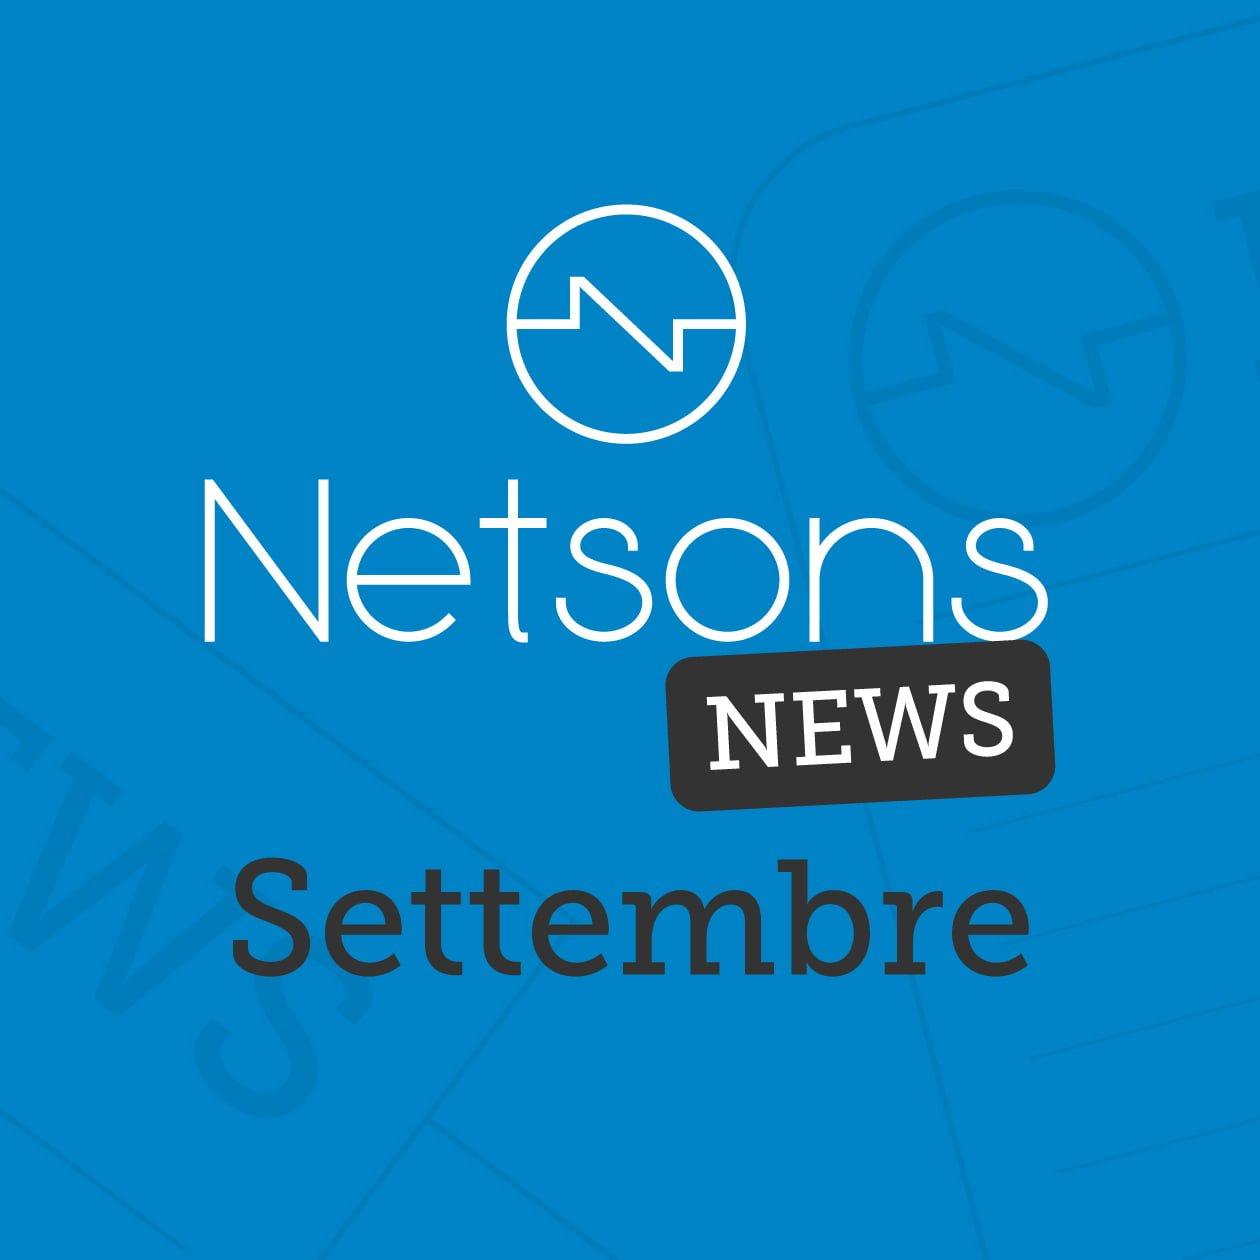 Netsons news settembre